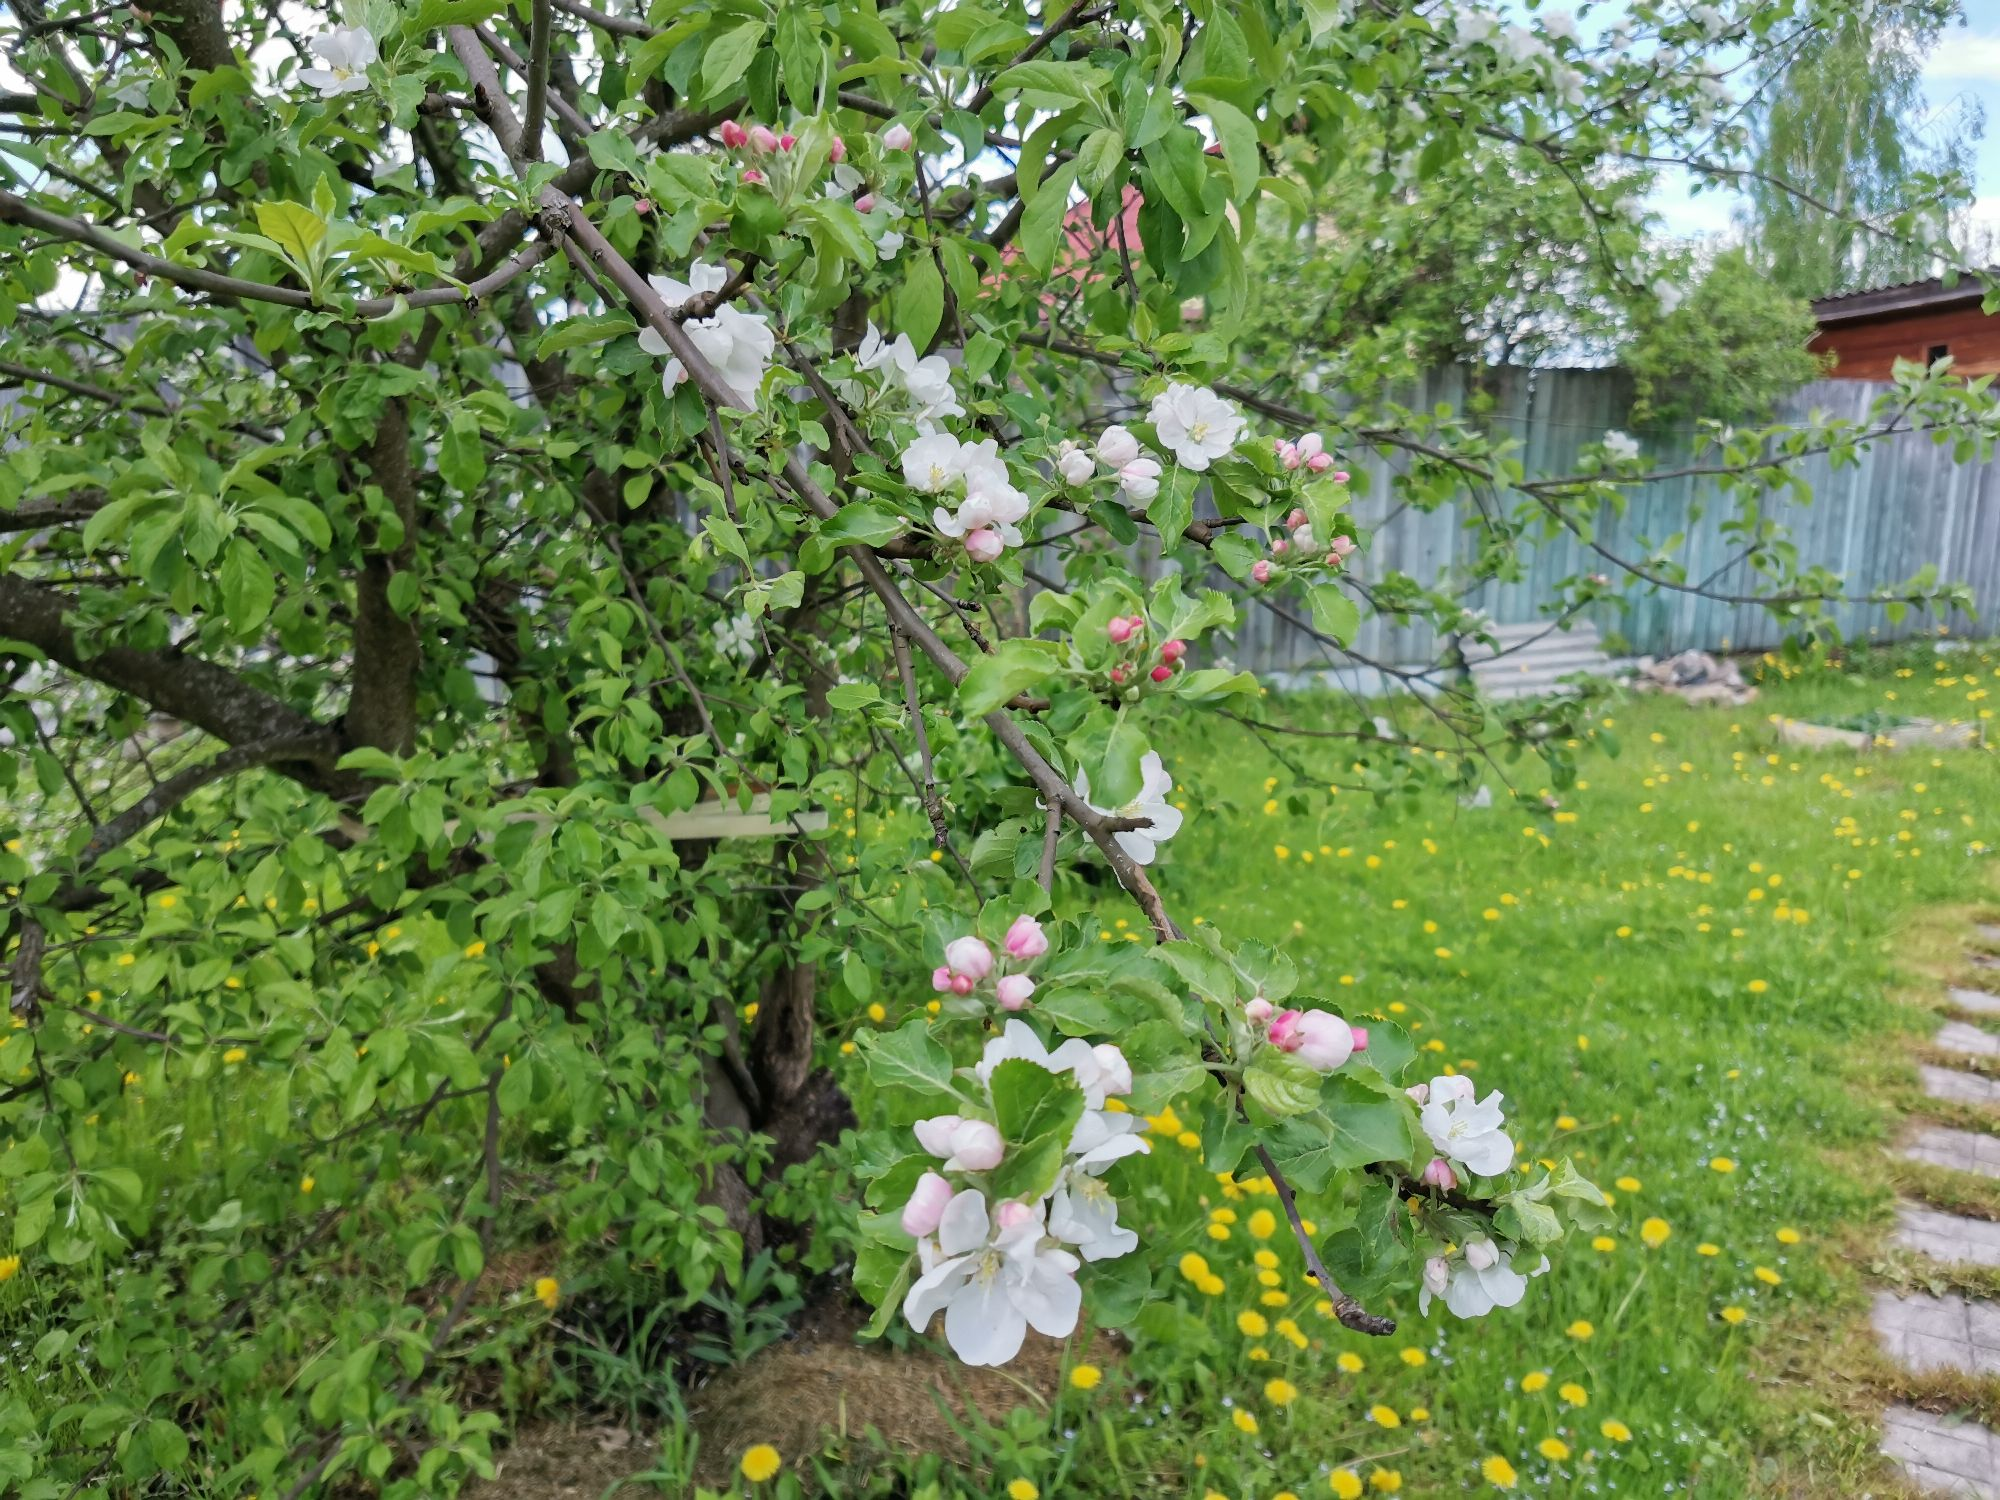 Яблони зацвели. Похоже в этом году много яблок будет